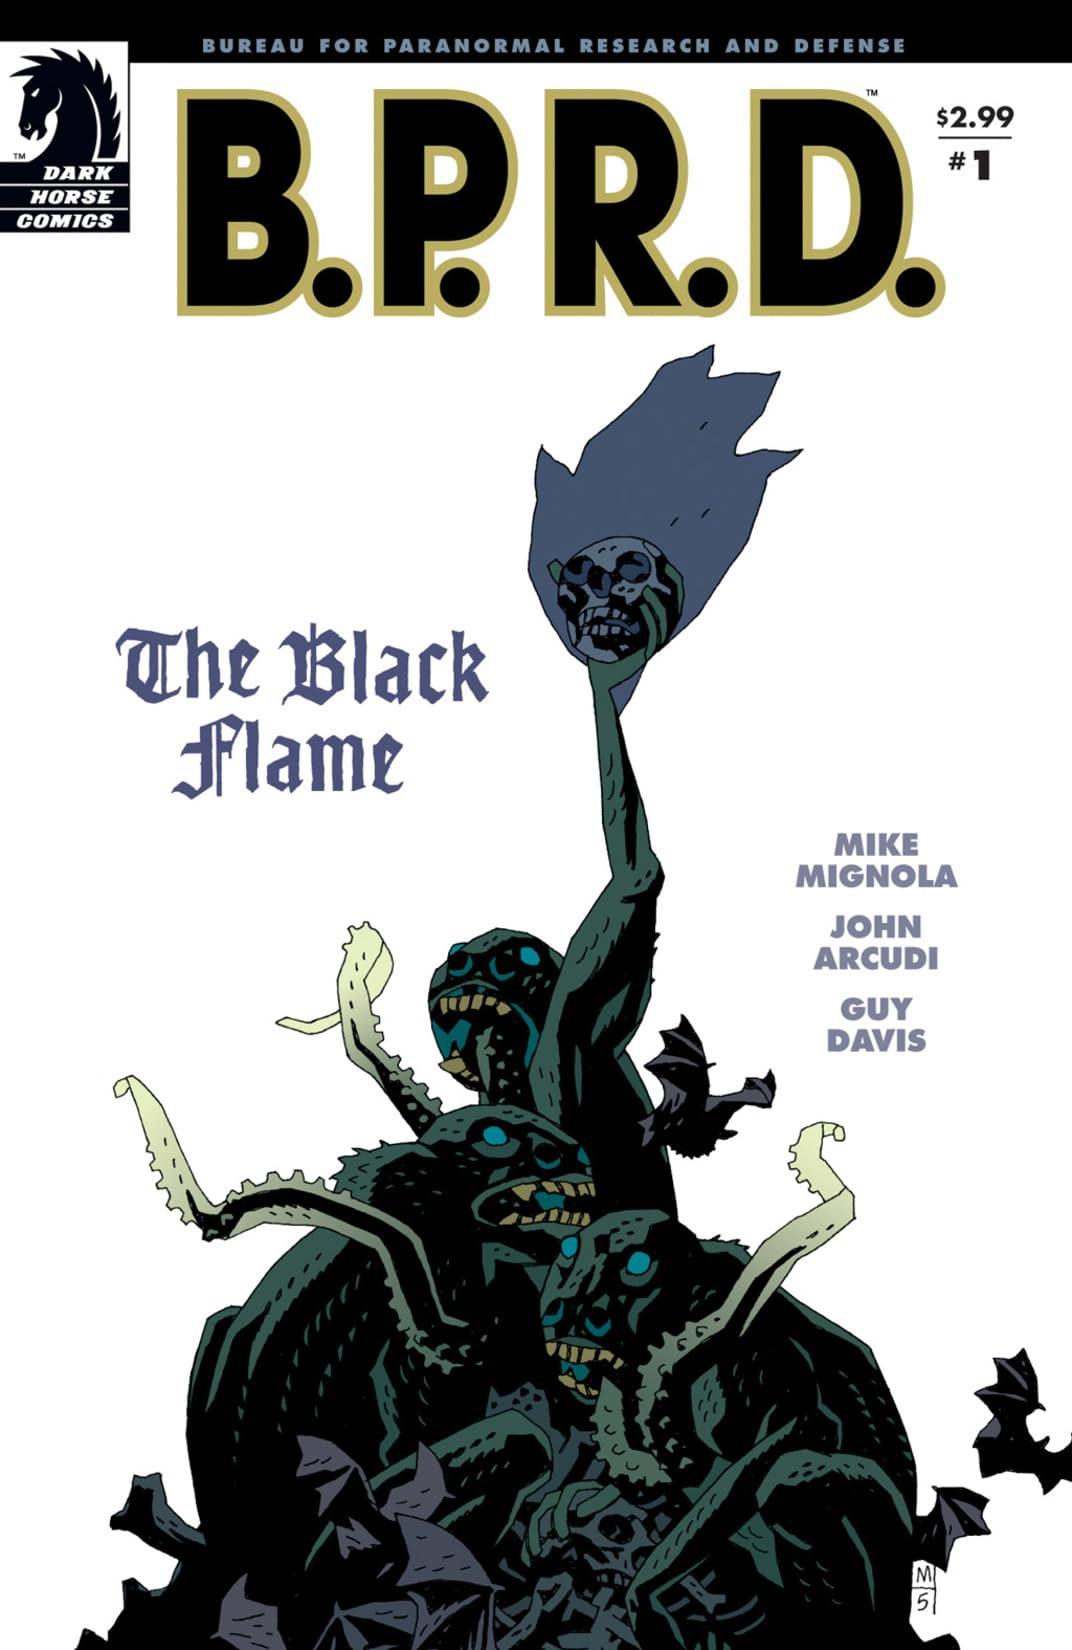 B.P.R.D.: The Black Flame #1